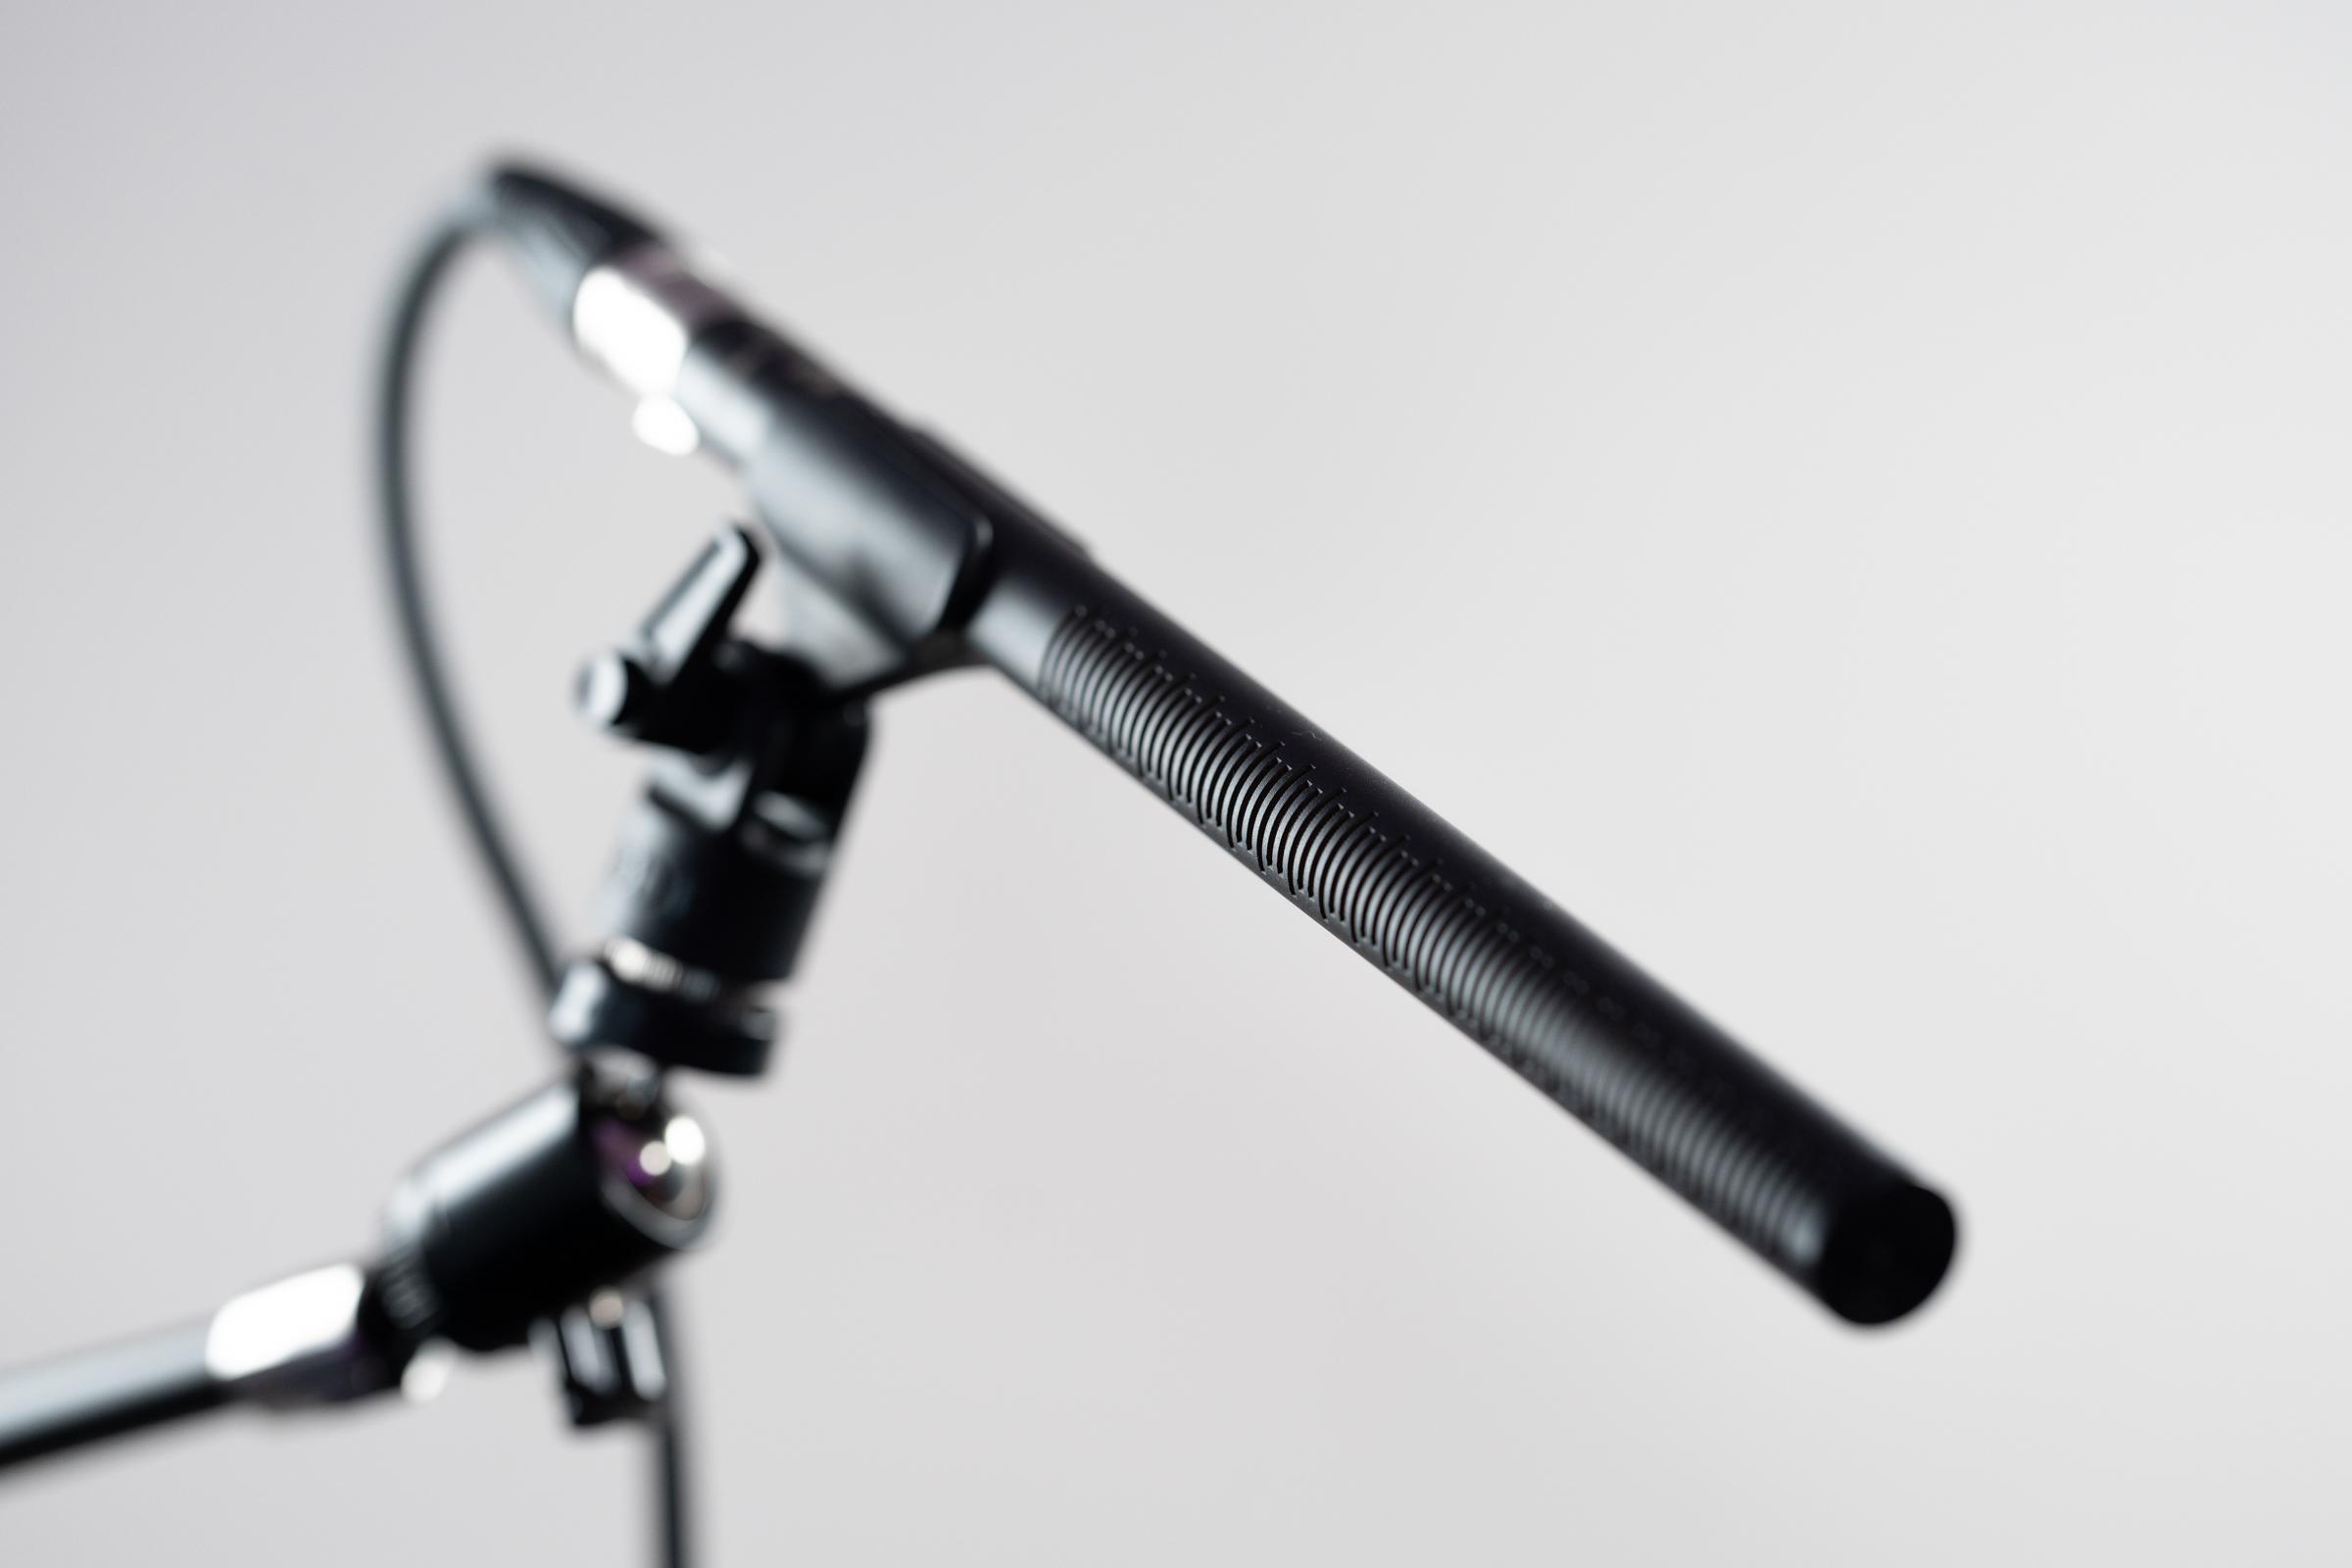 Как максимально эффективно использовать настройку видеоконференции на дому: выпуск для микрофона 2020 микрофон